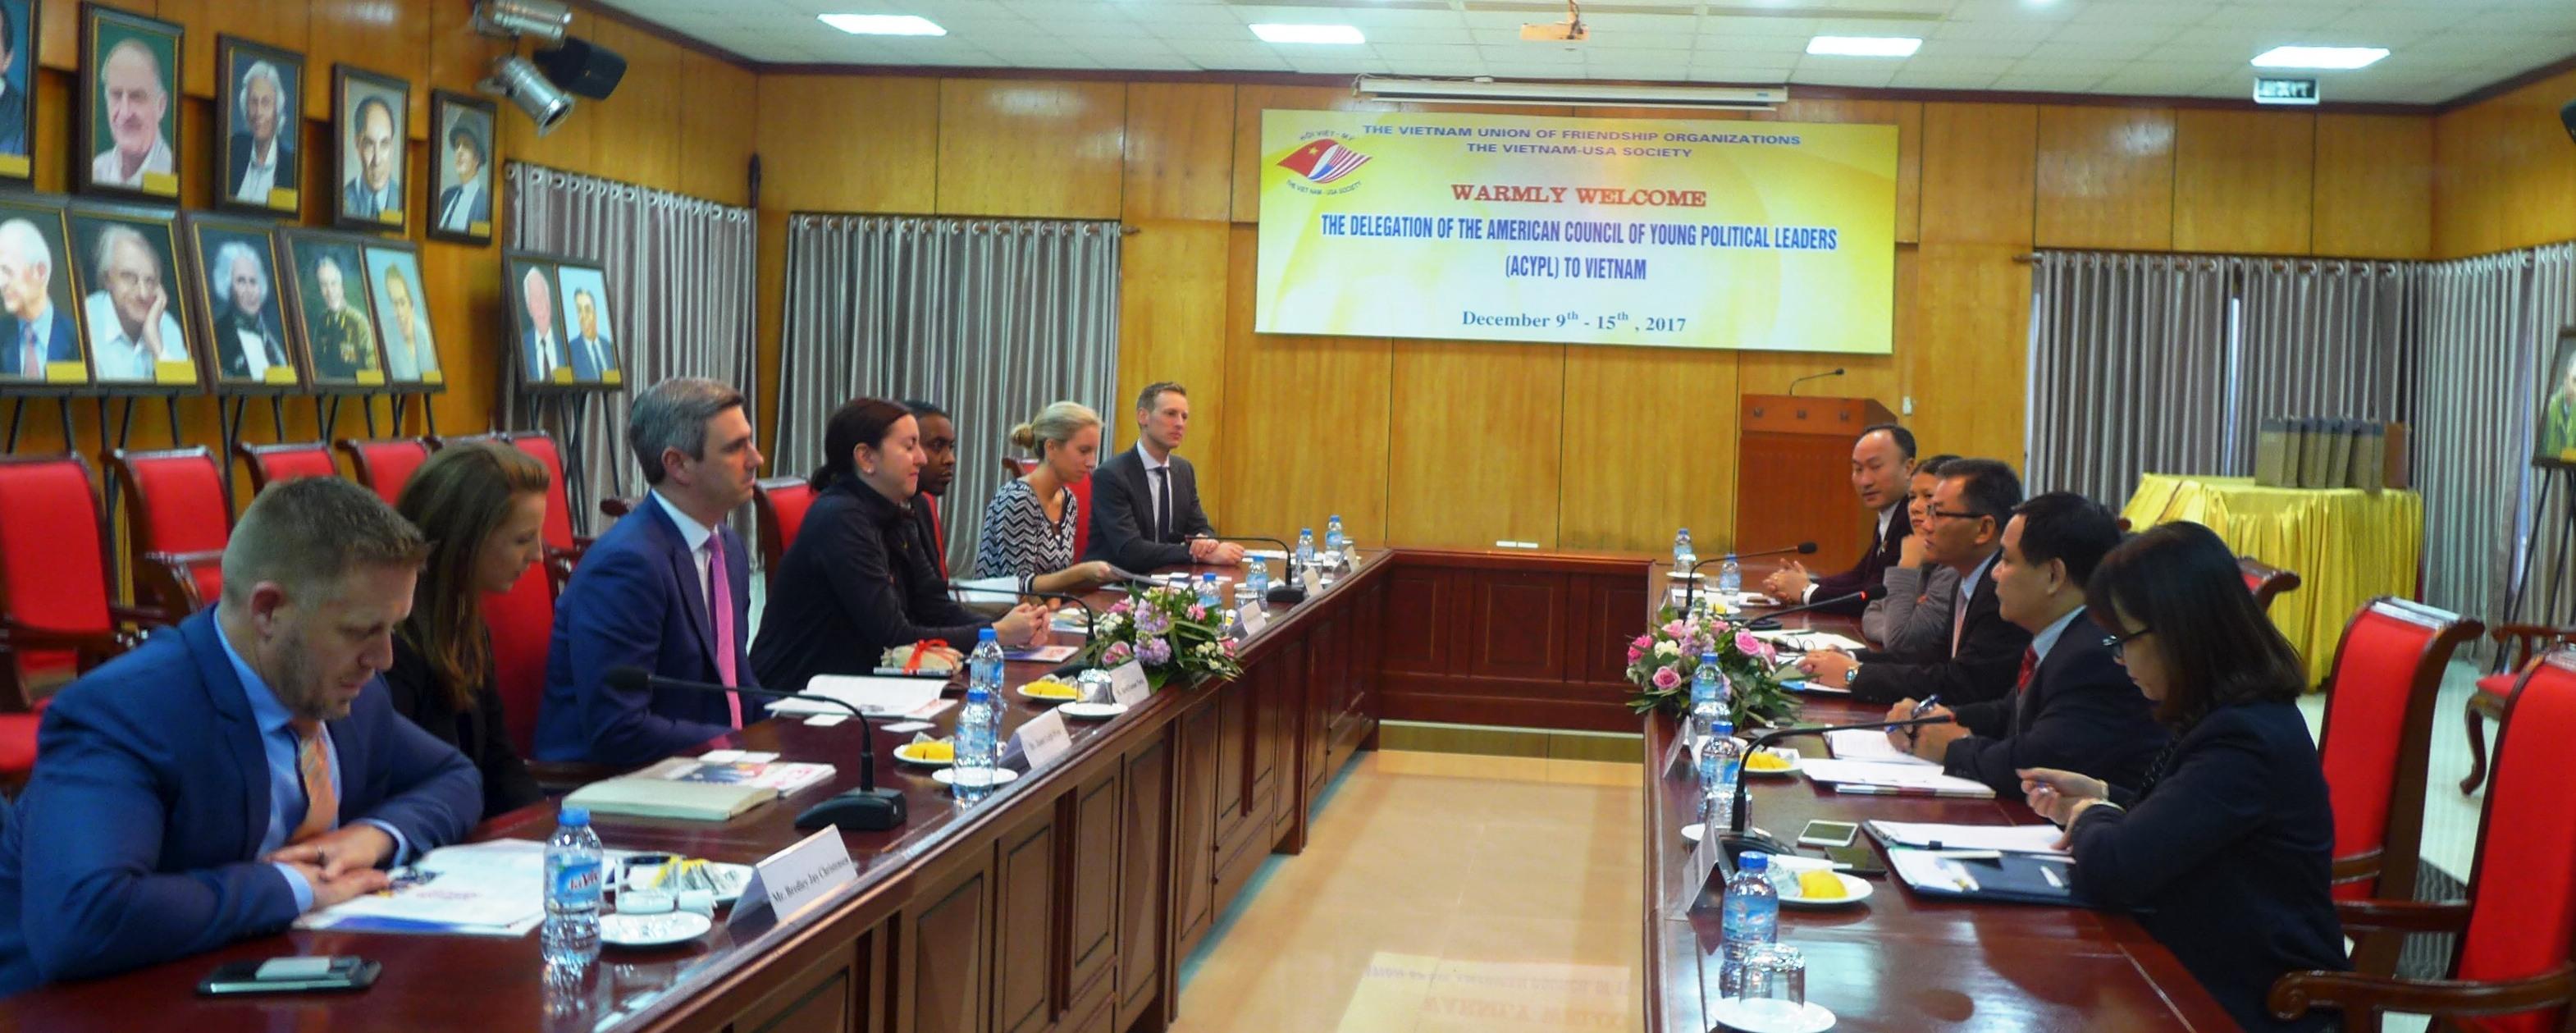 Thúc đẩy quan hệ hữu nghị và hợp tác giữa nhân dân hai nước Việt Nam và Mỹ